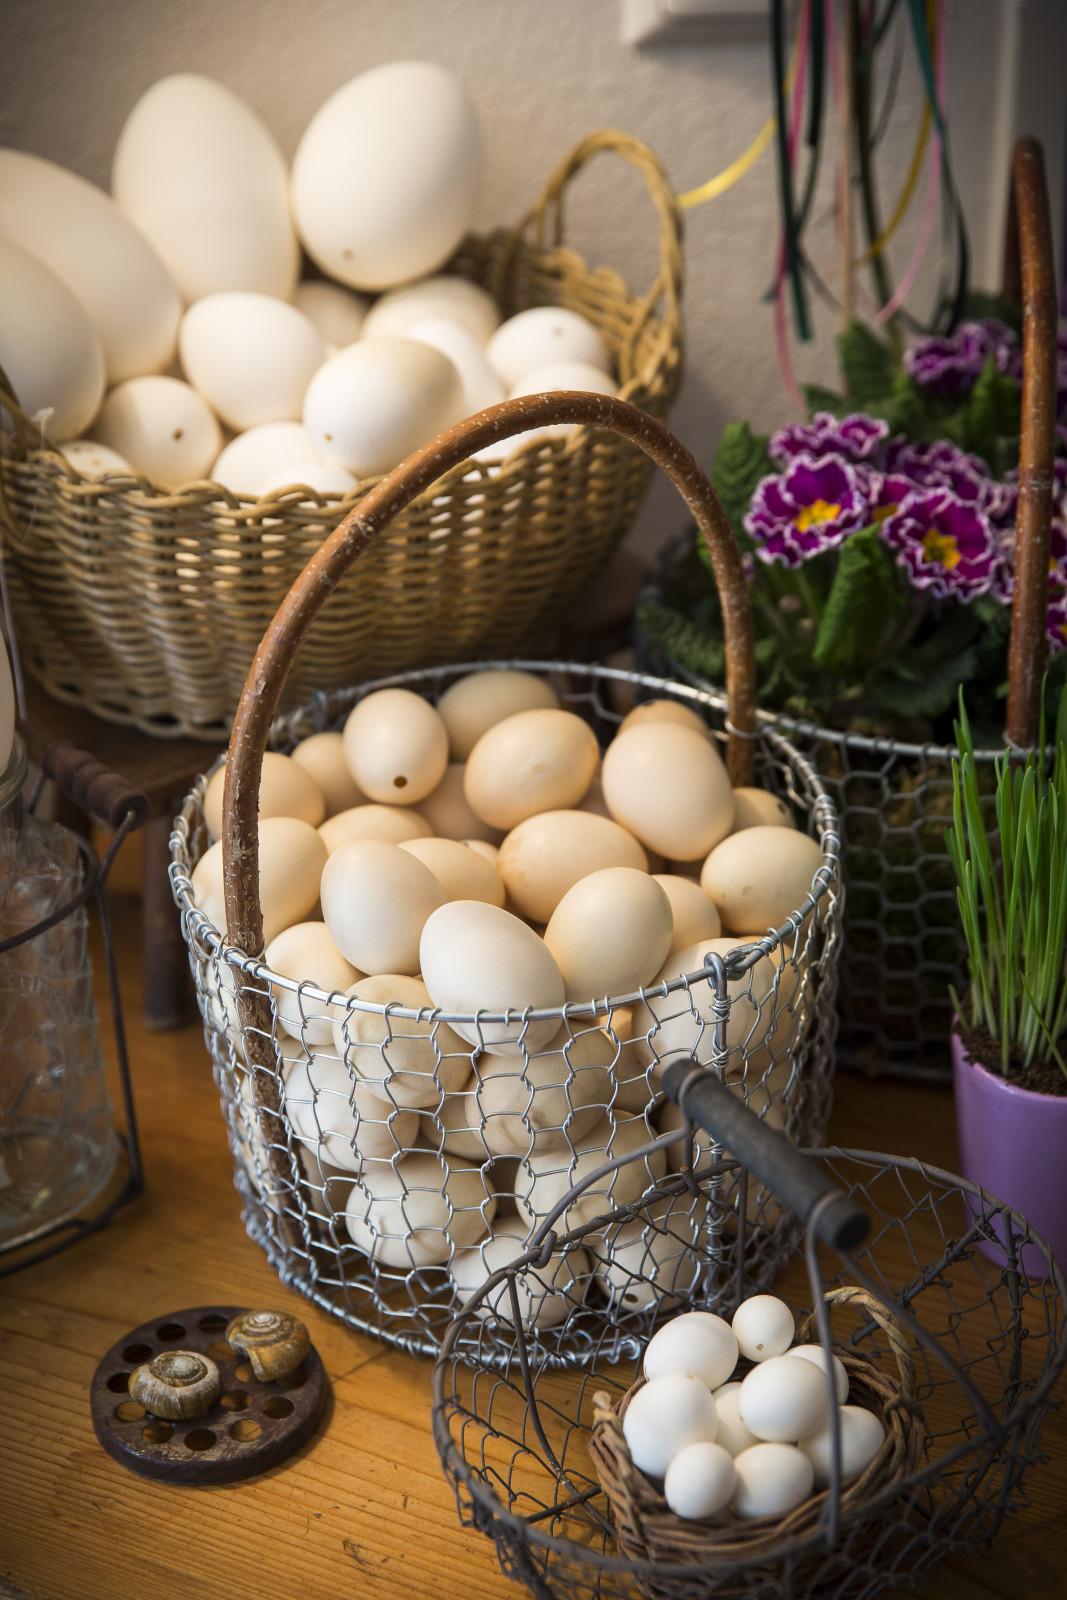 die rohen Eier findet man in allen Größen